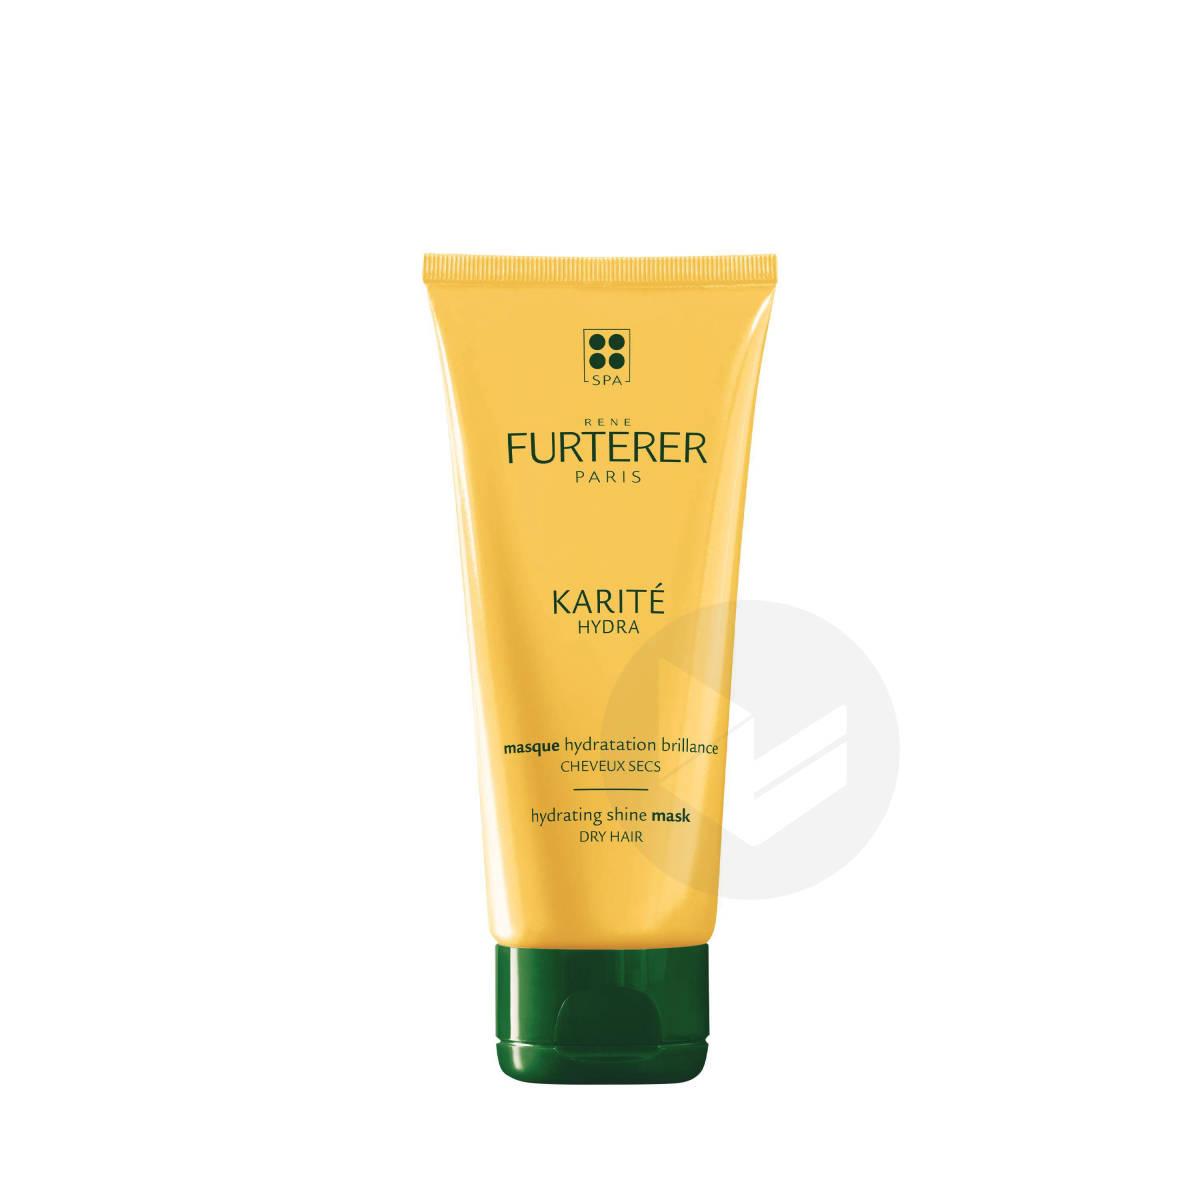 Masque hydratation brillance démélant à l'huile de karité 100ml